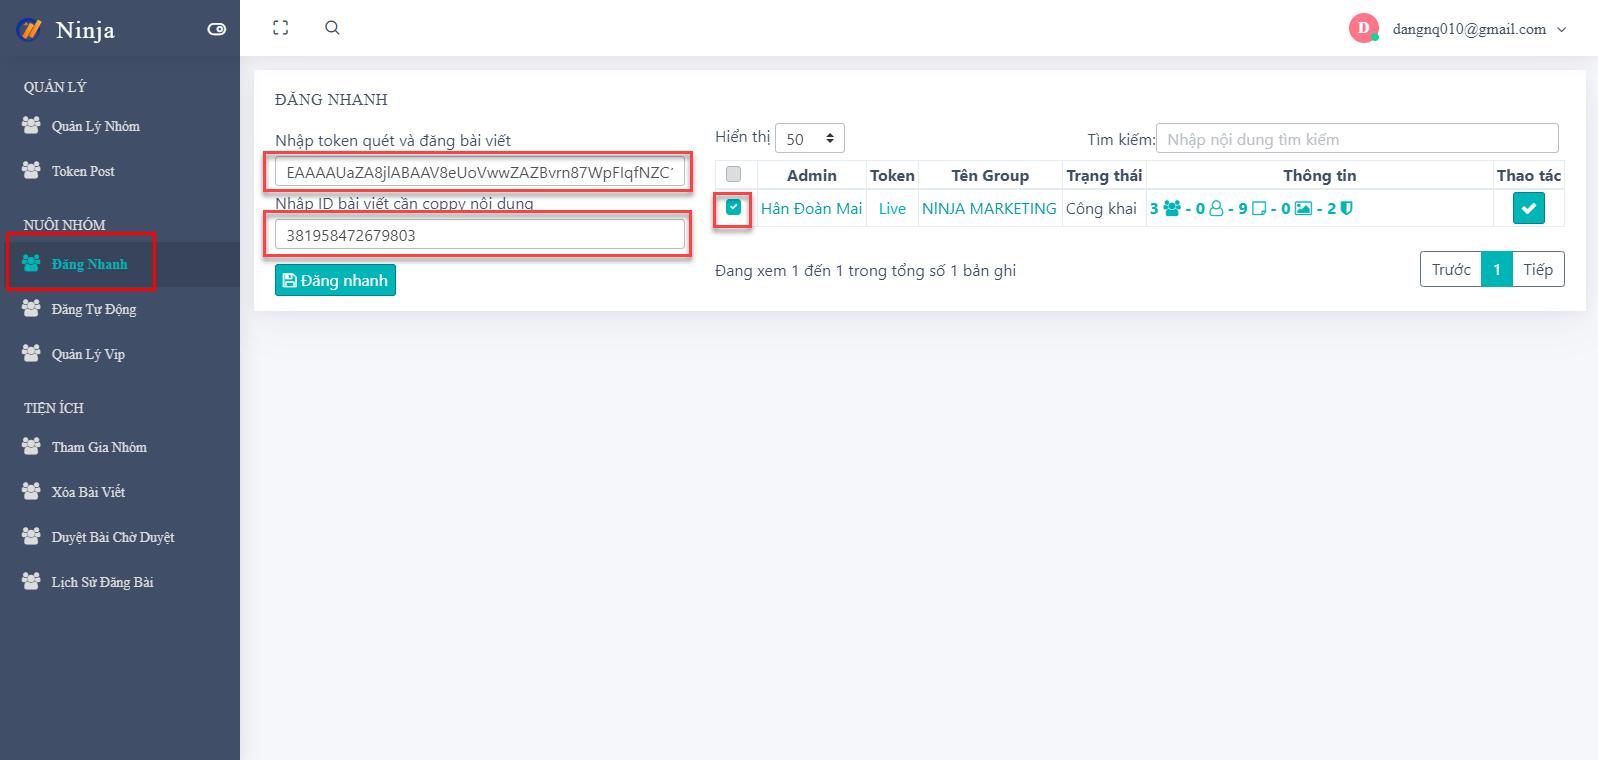 đăng nhanh Hướng dẫn đăng nhanh bài viết dễ dàng trên phần mềm Ninja Group